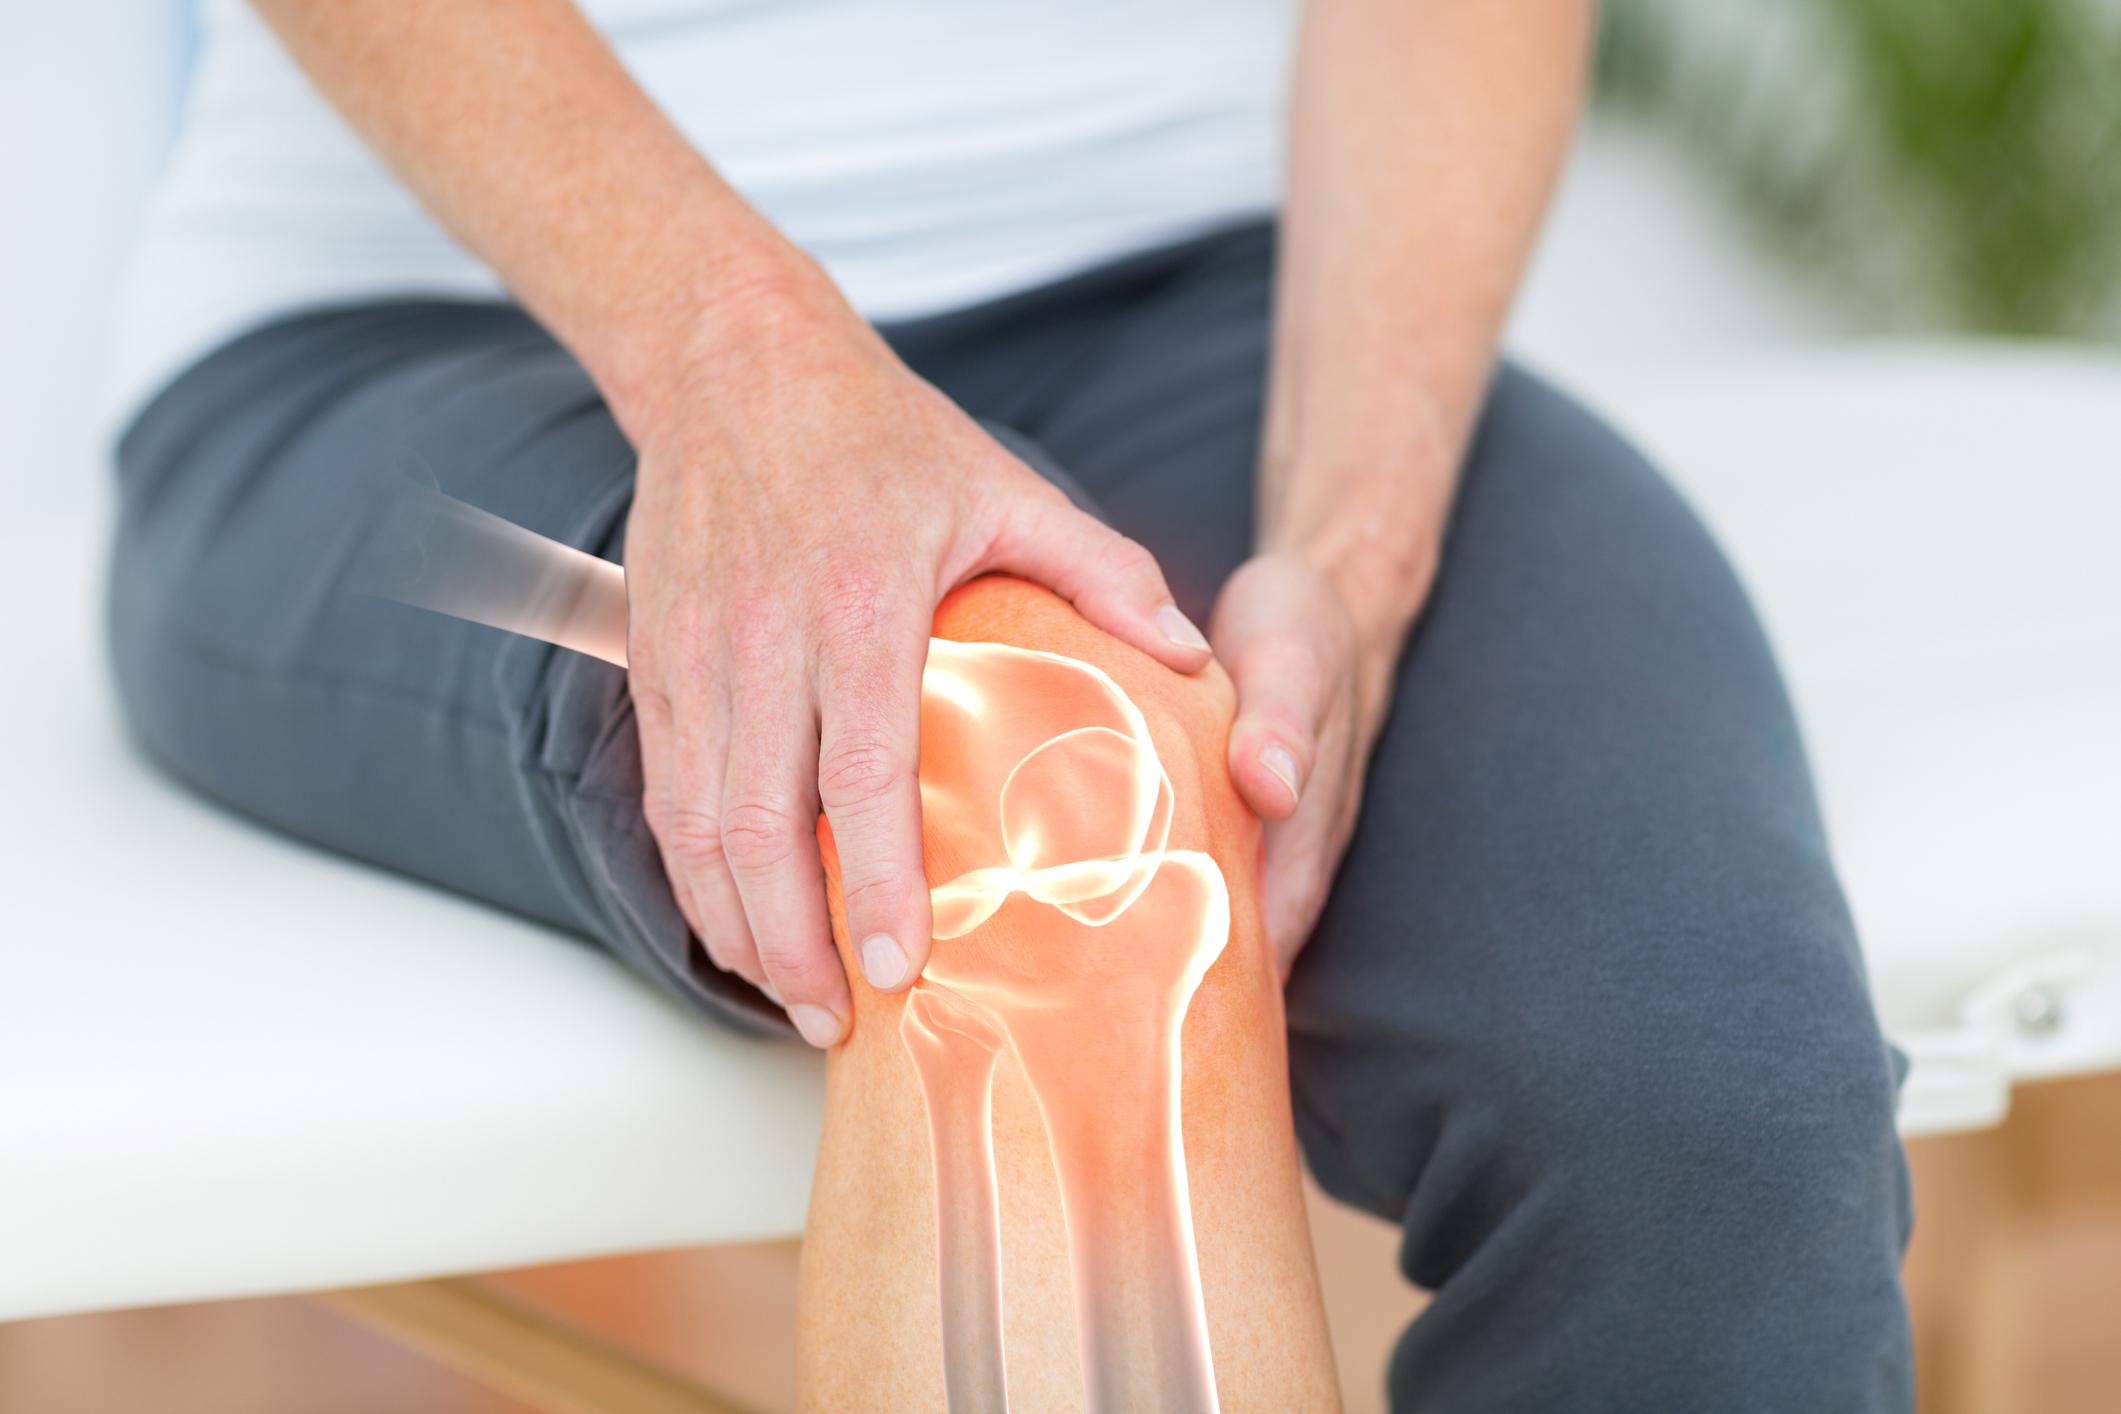 4 необхідних вправи, щоб уникнути травм після 40 років